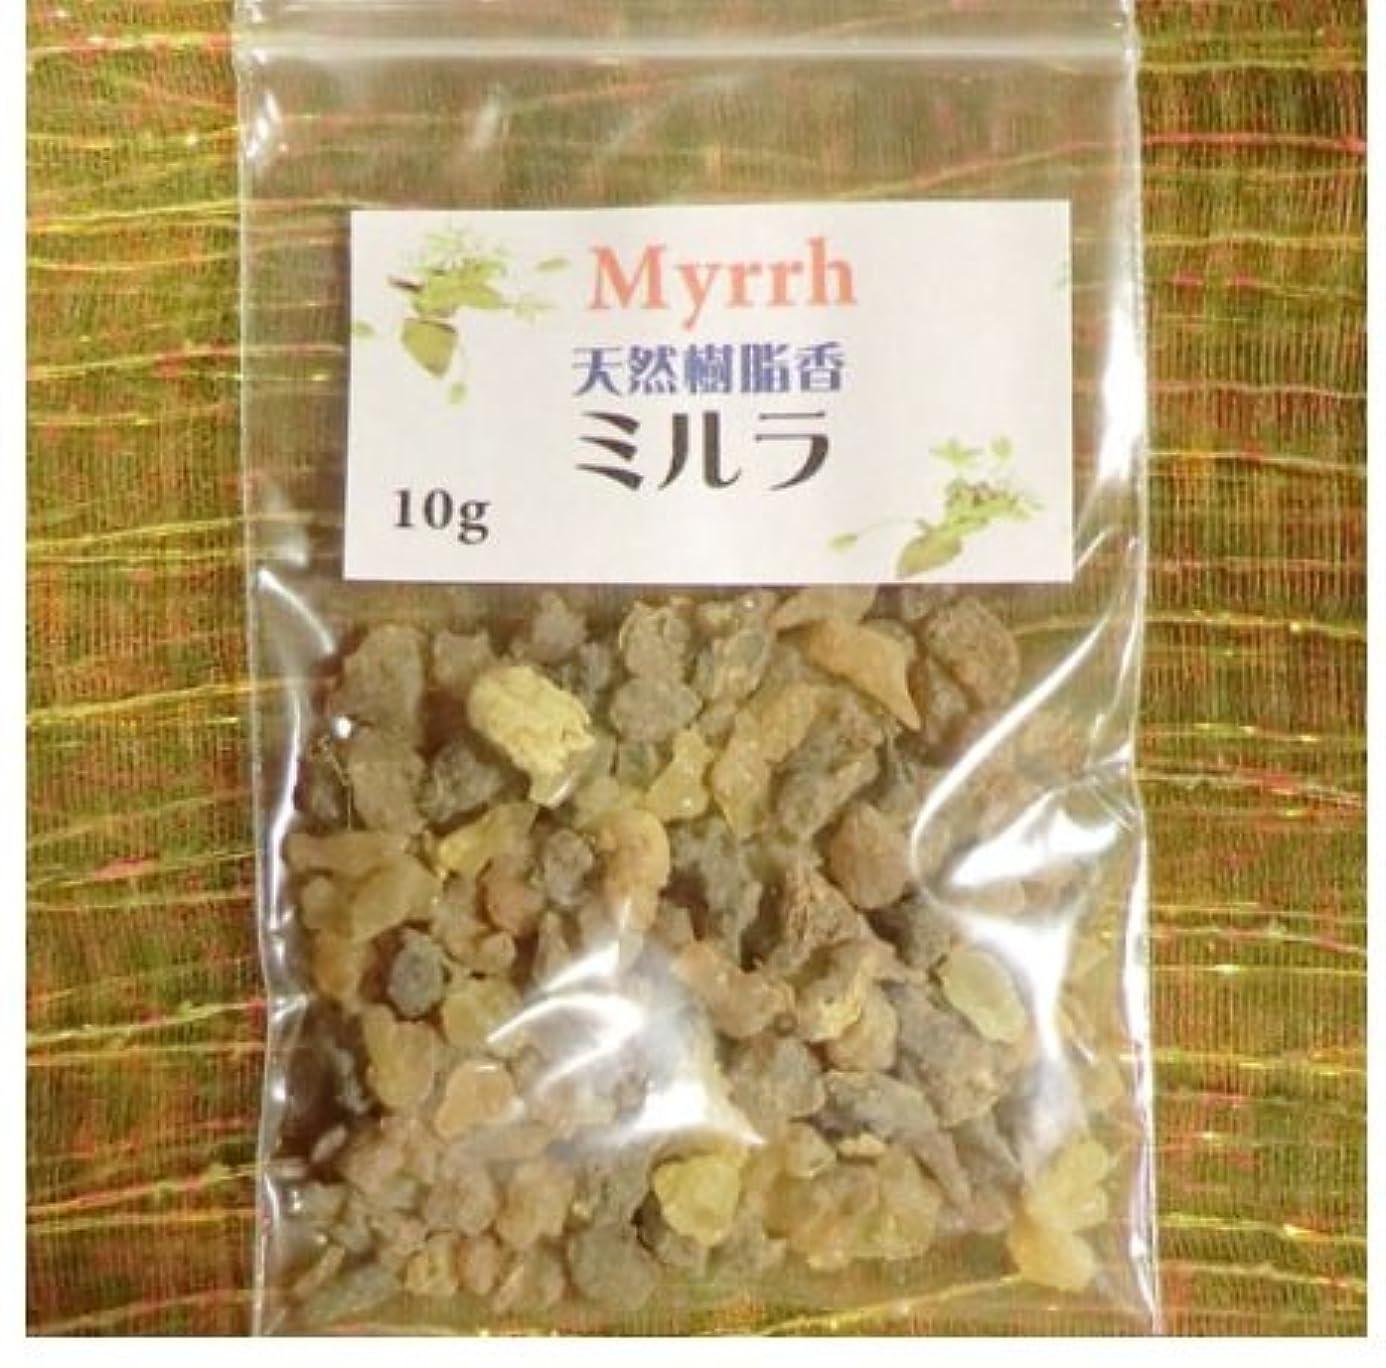 生理適切なフィットミルラ Myrrh (没薬) 天然樹脂香 10g (ミルラ)